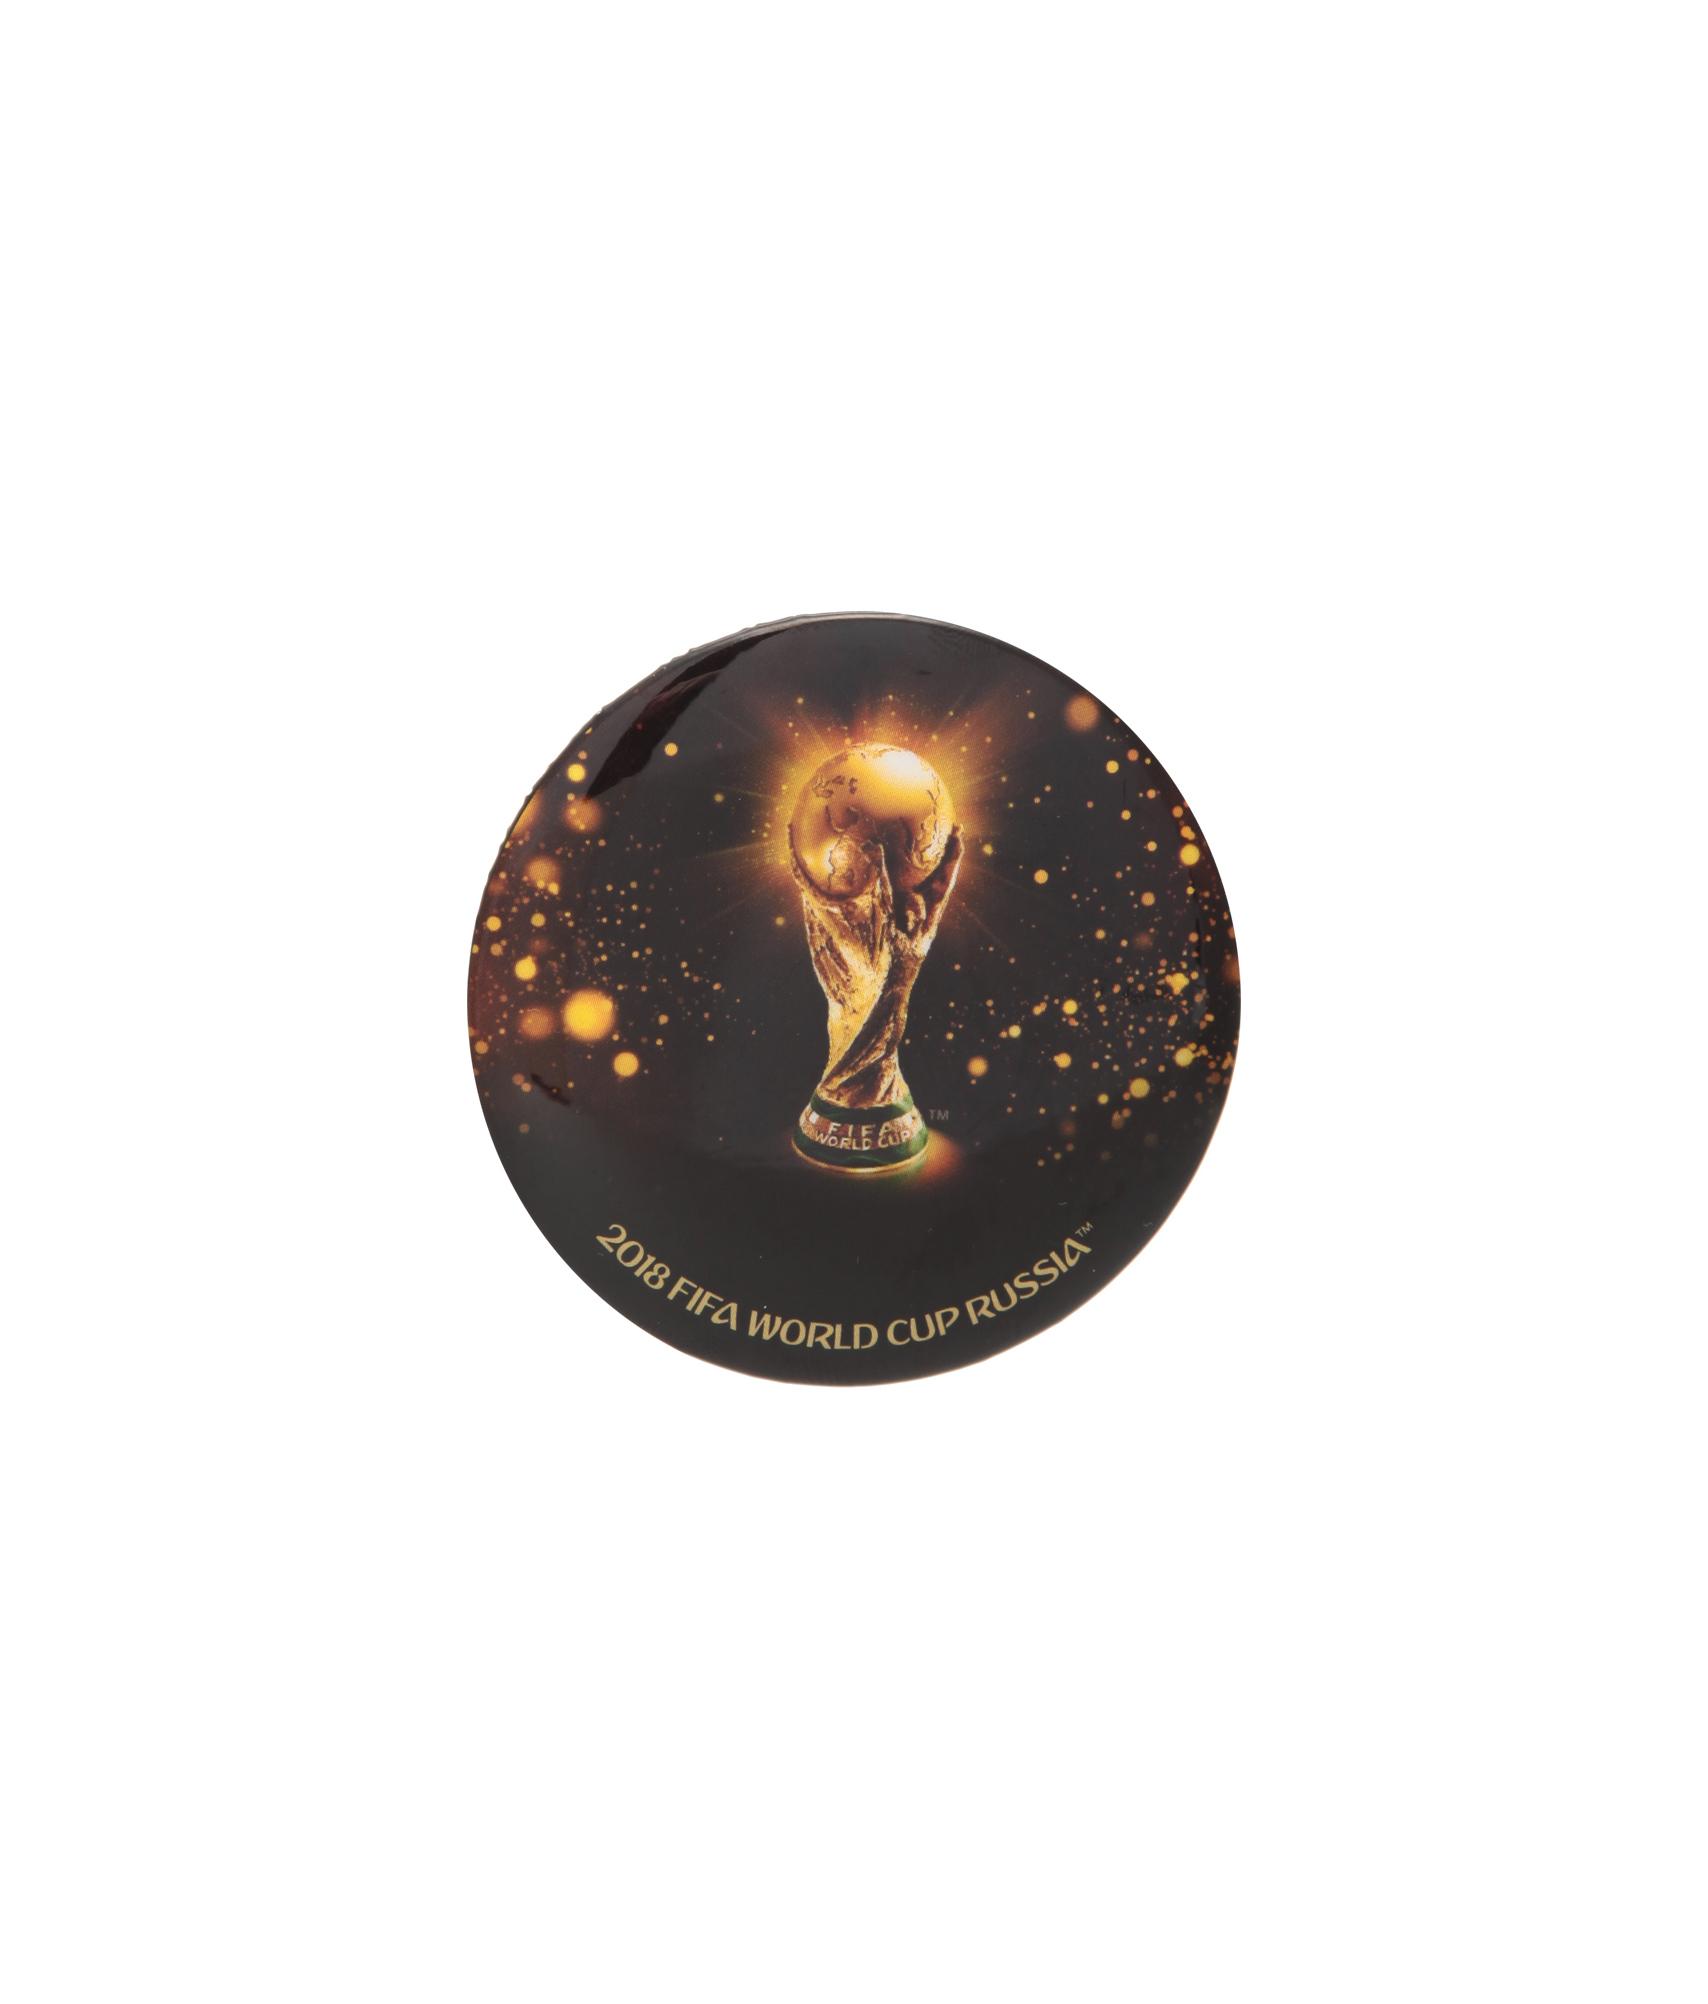 Значок закатной «Кубок мира» Зенит значок закатной забивака зенит цвет красный